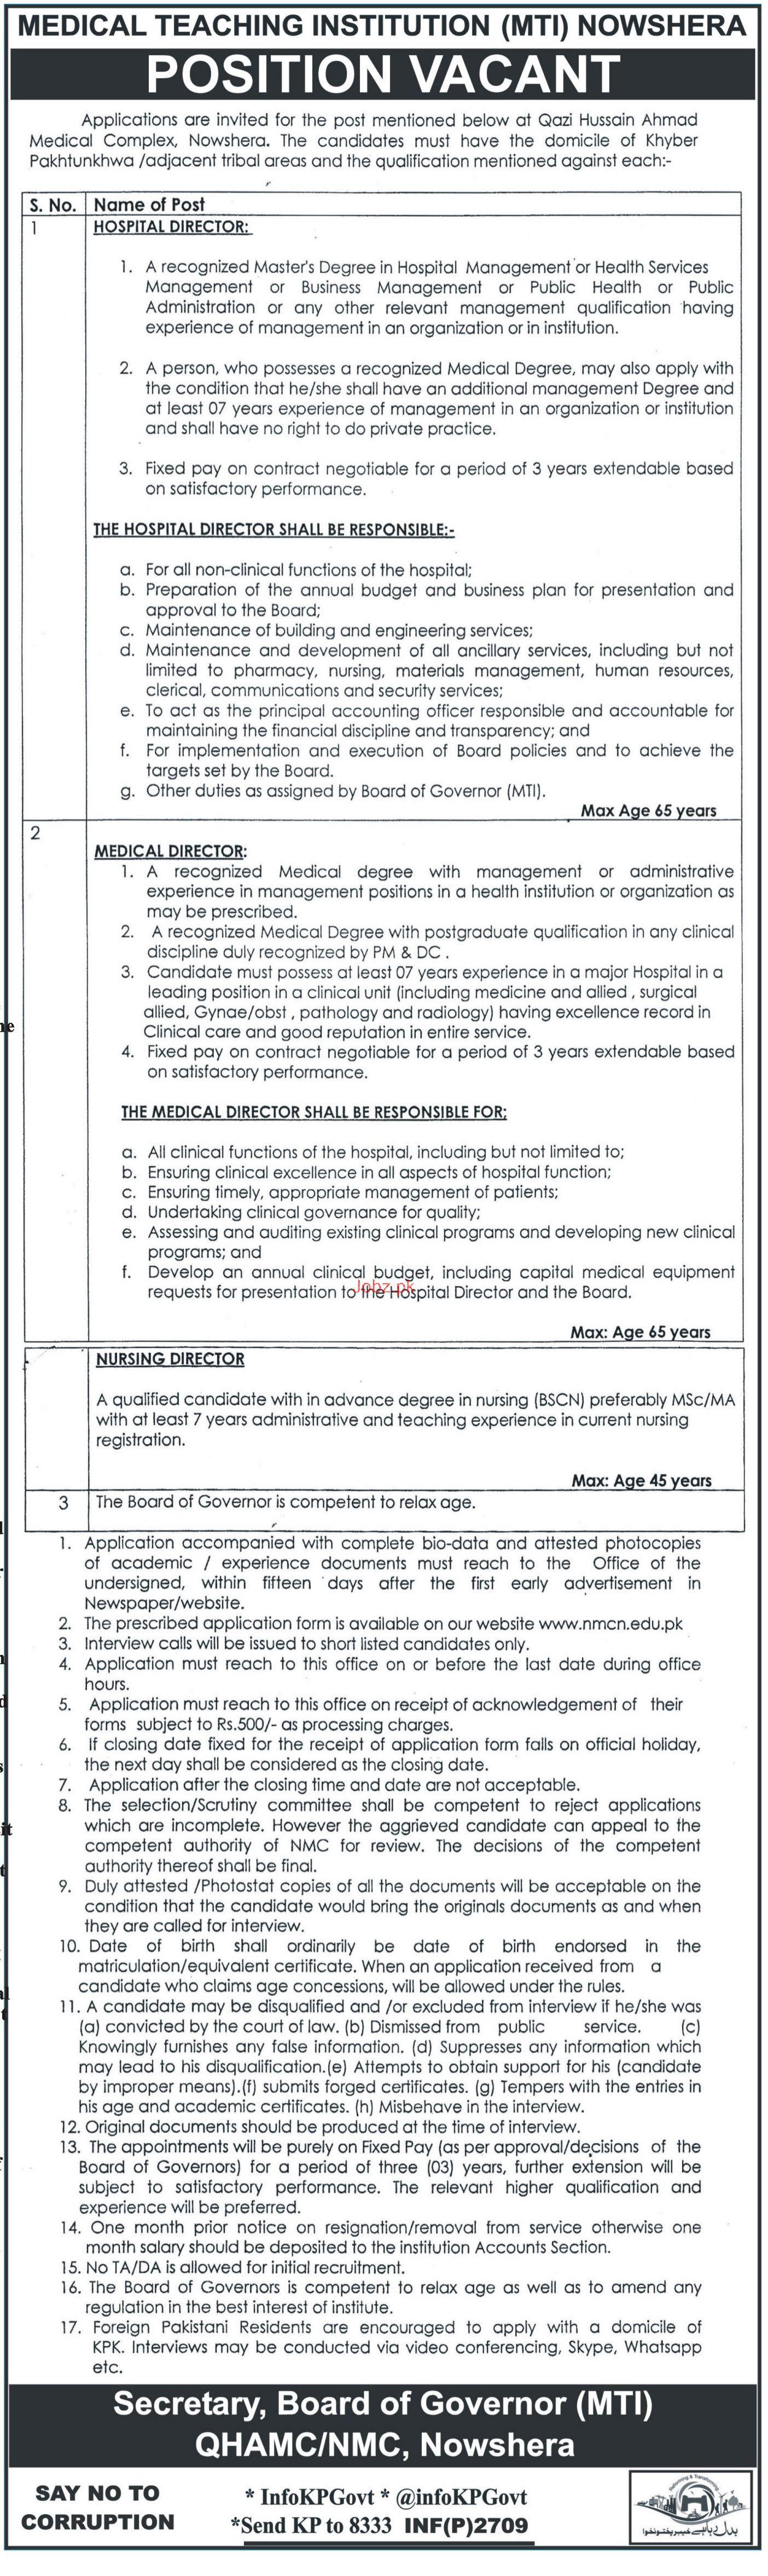 Medical Teaching Institution MTI Nowshera Jobs